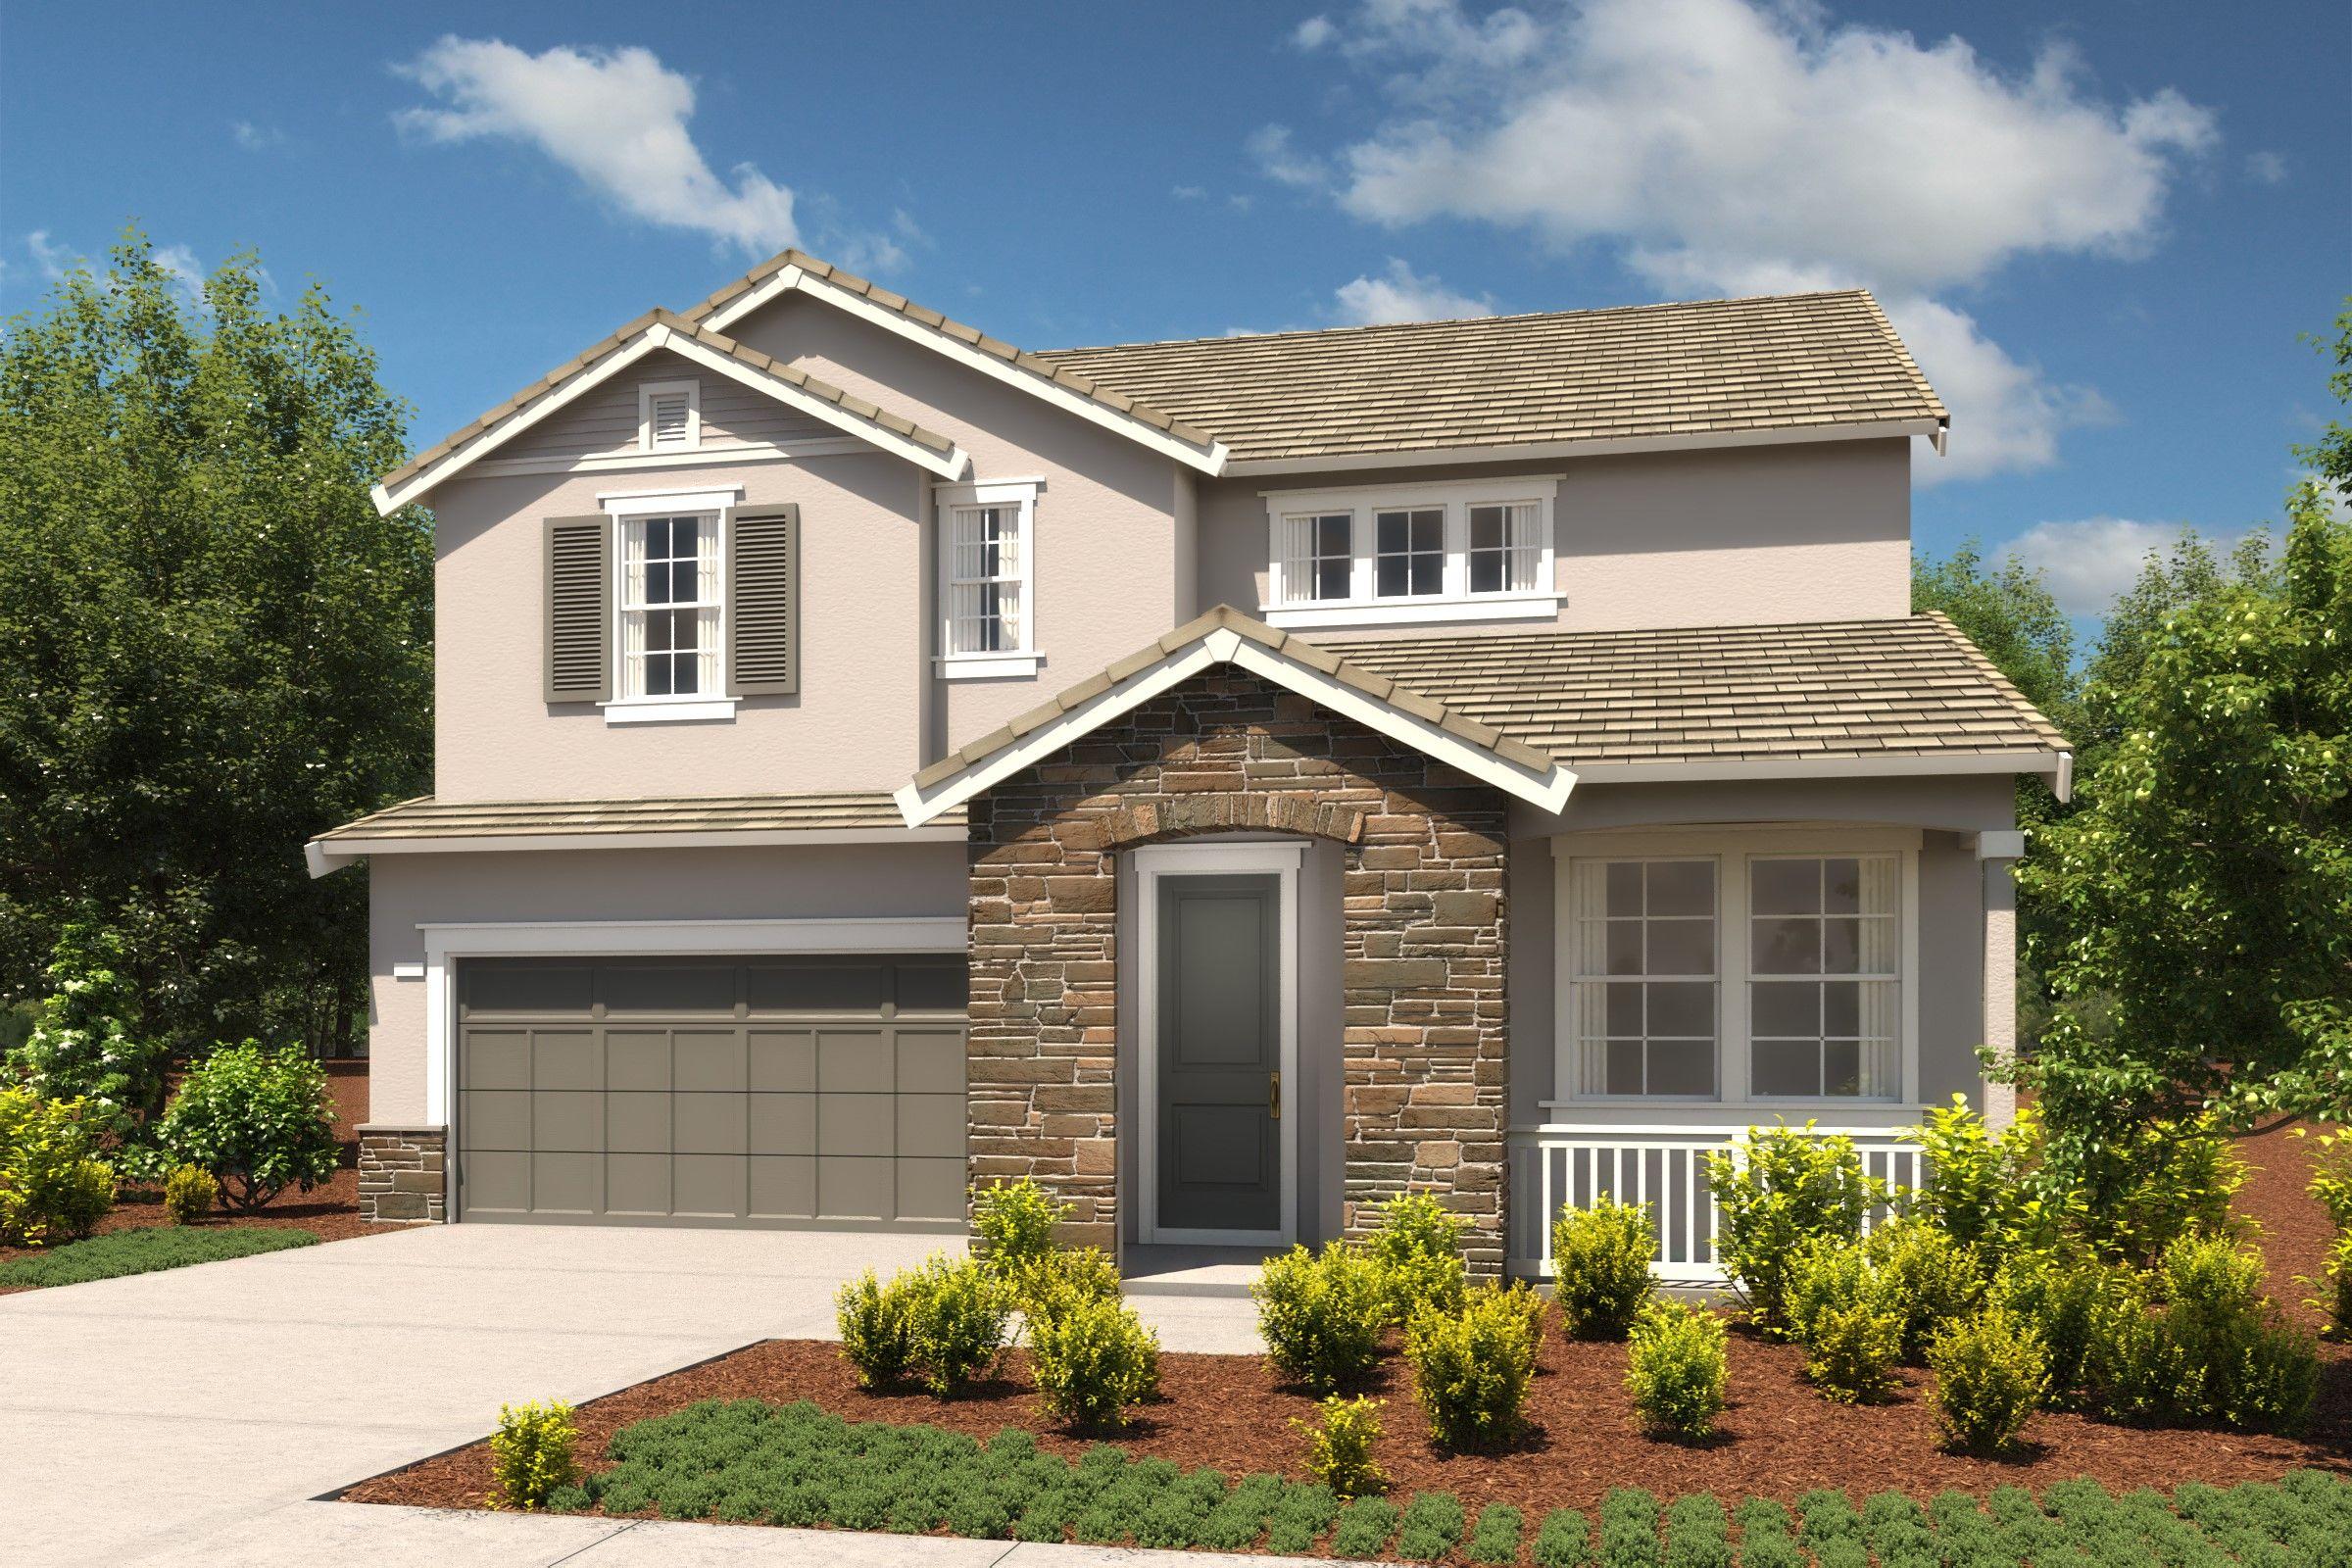 单亲家庭 为 销售 在 2700 Empire - Province Empire Avenue & Claudia Lane Brentwood, California 94513 United States